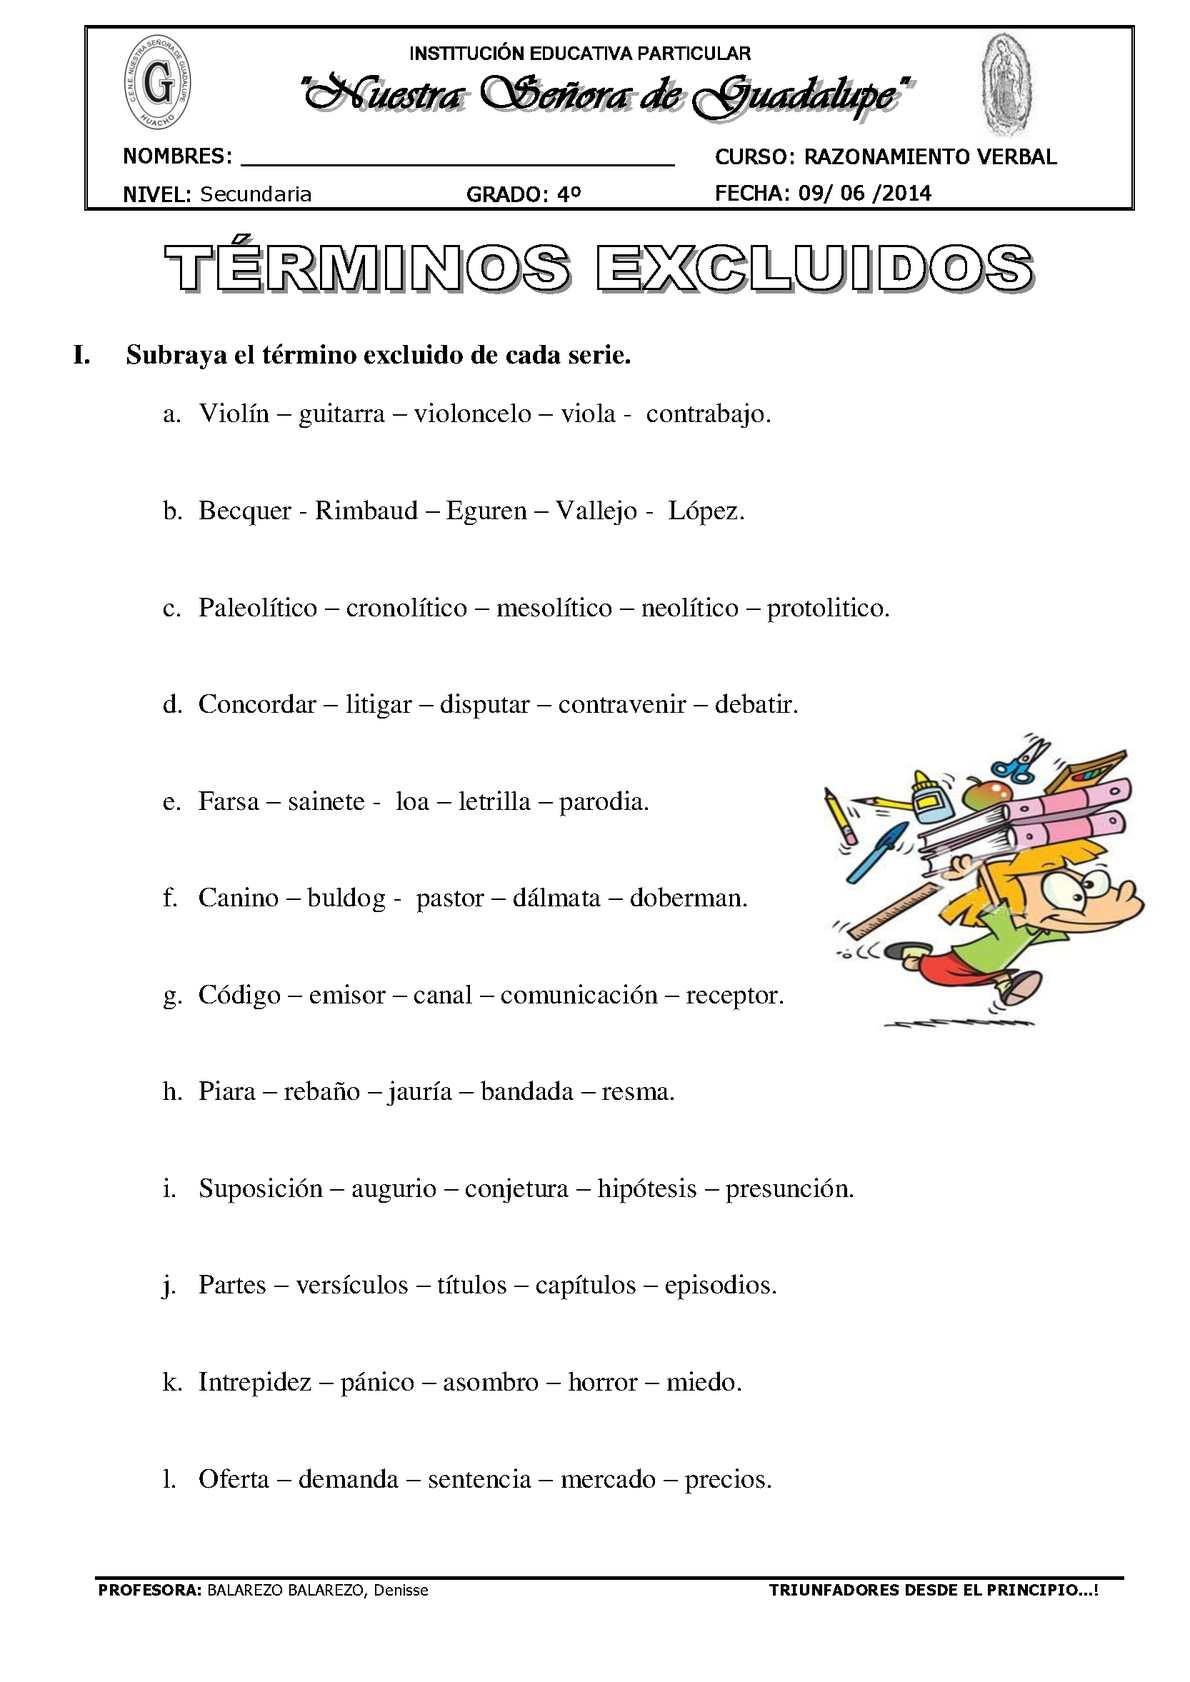 GUÍA DE TÉRMINOS EXCLUIDOS 4TO